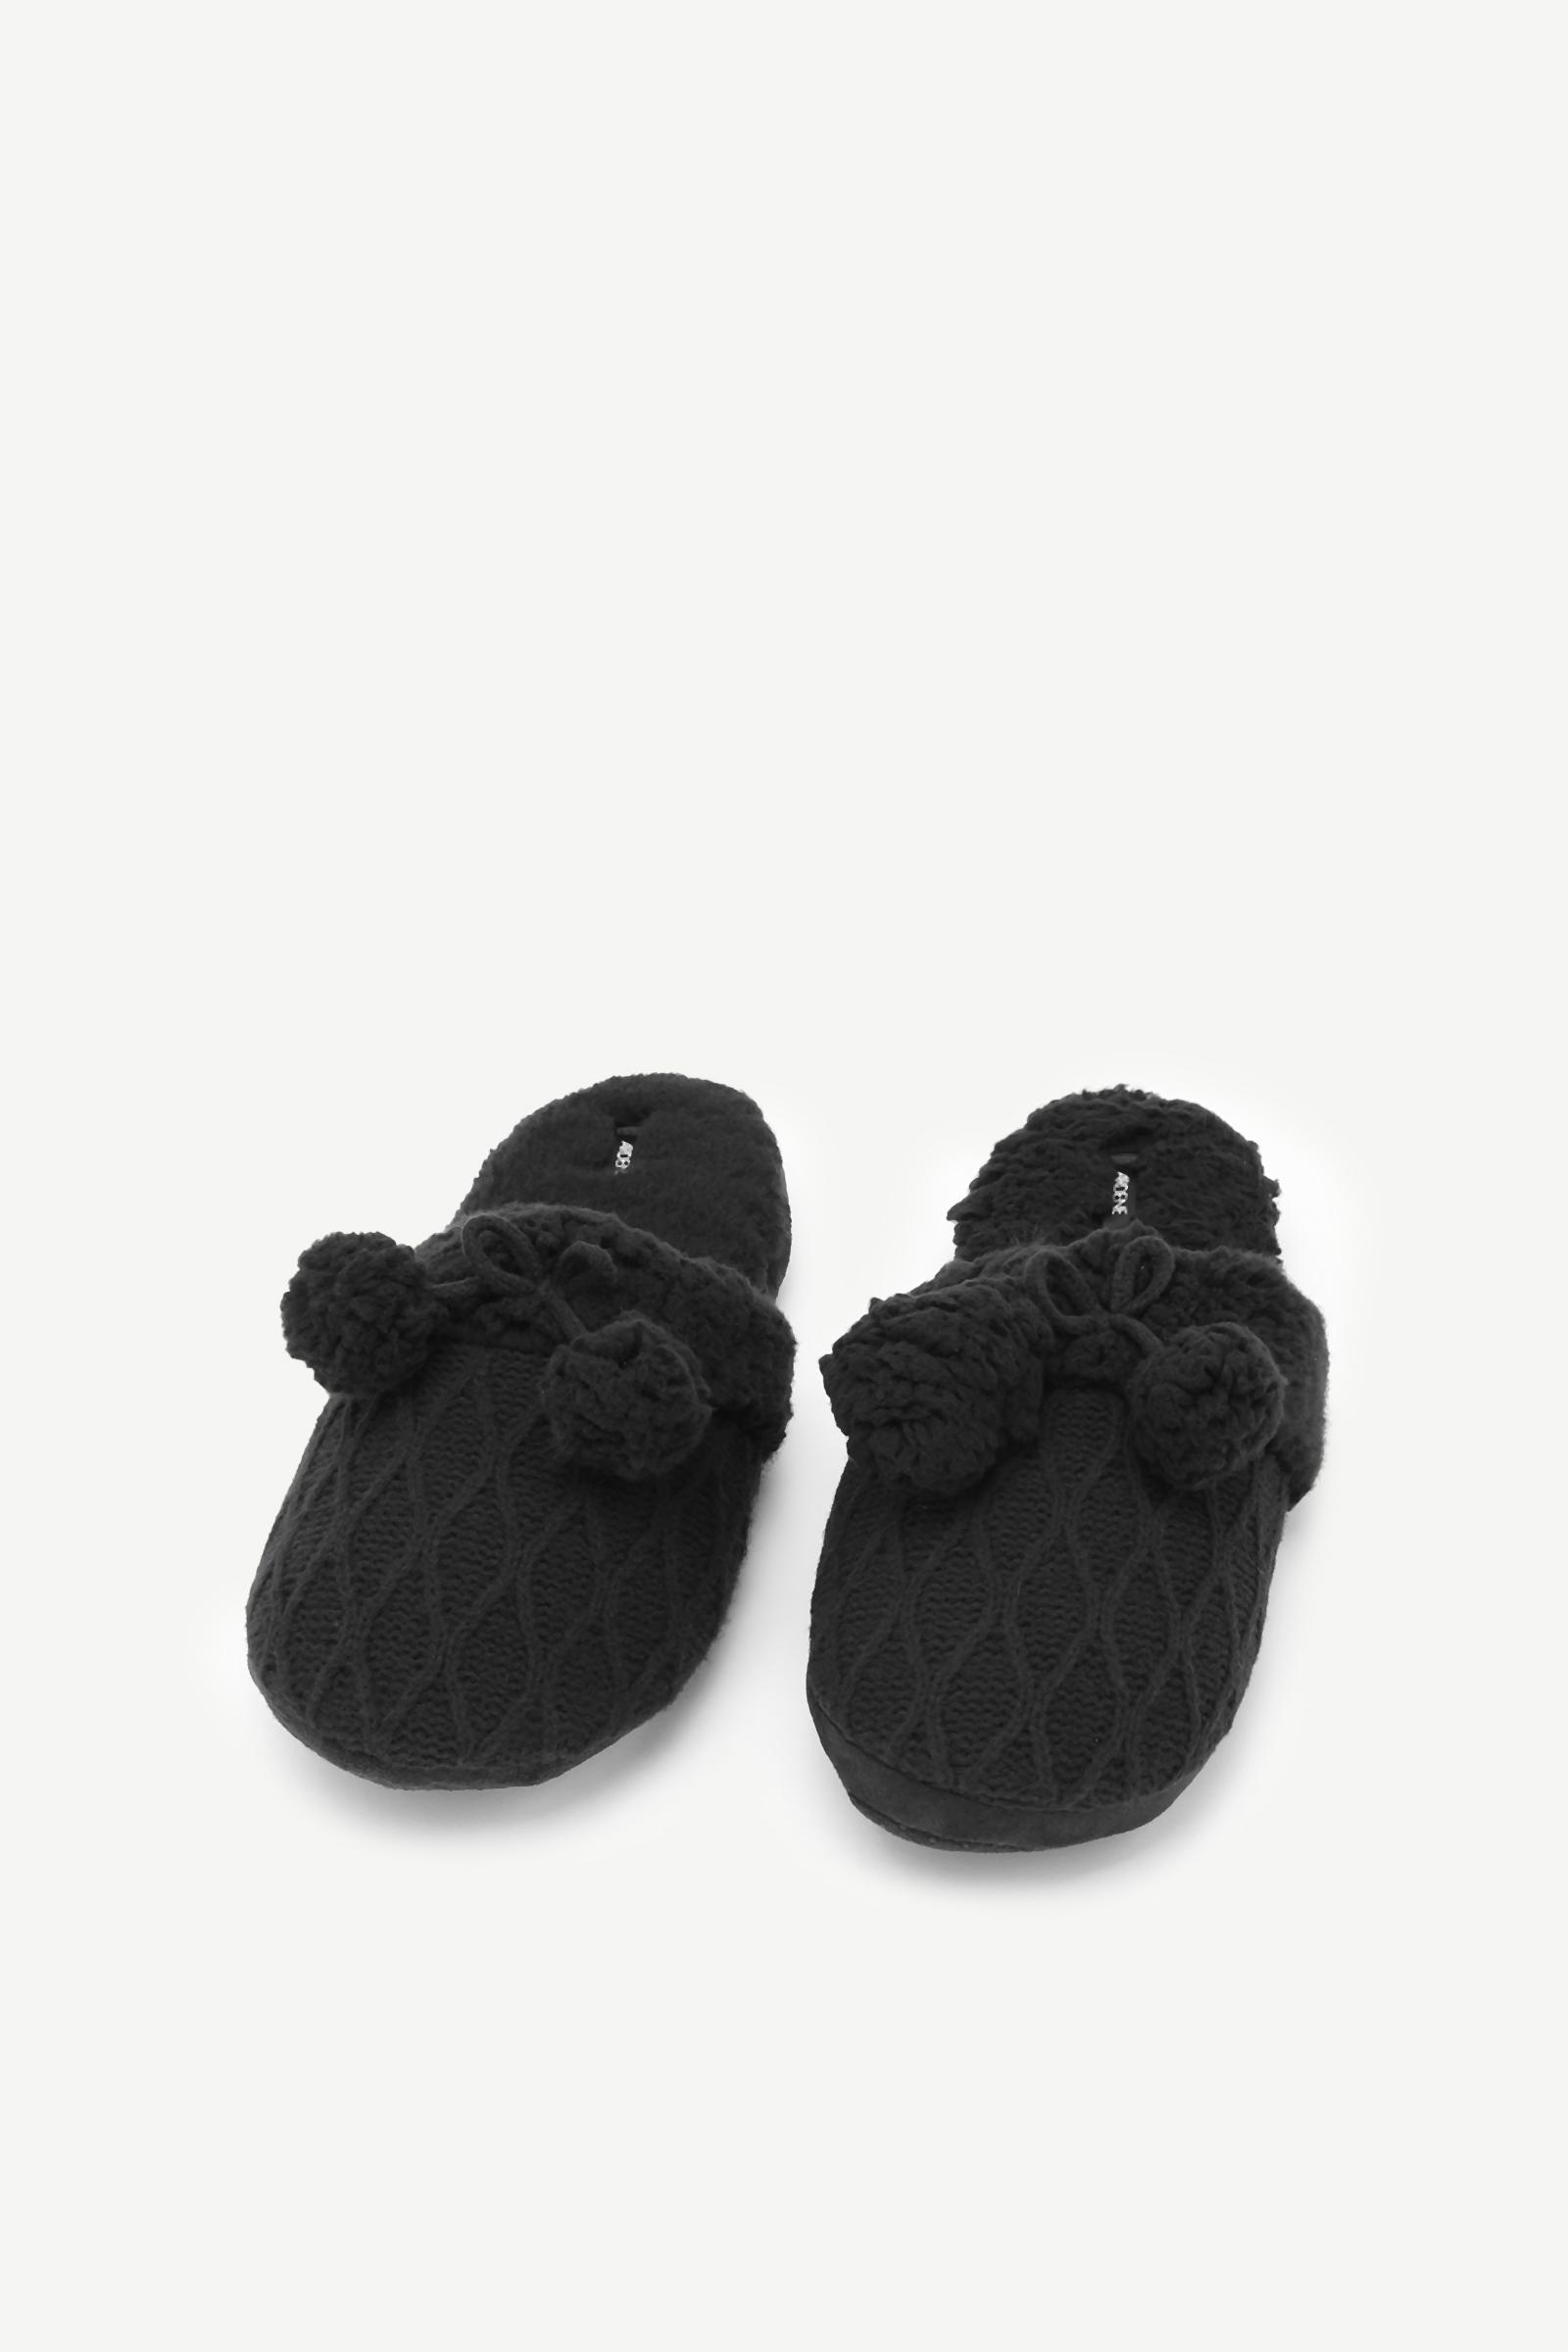 Pantoufles glissières éco-conscientes